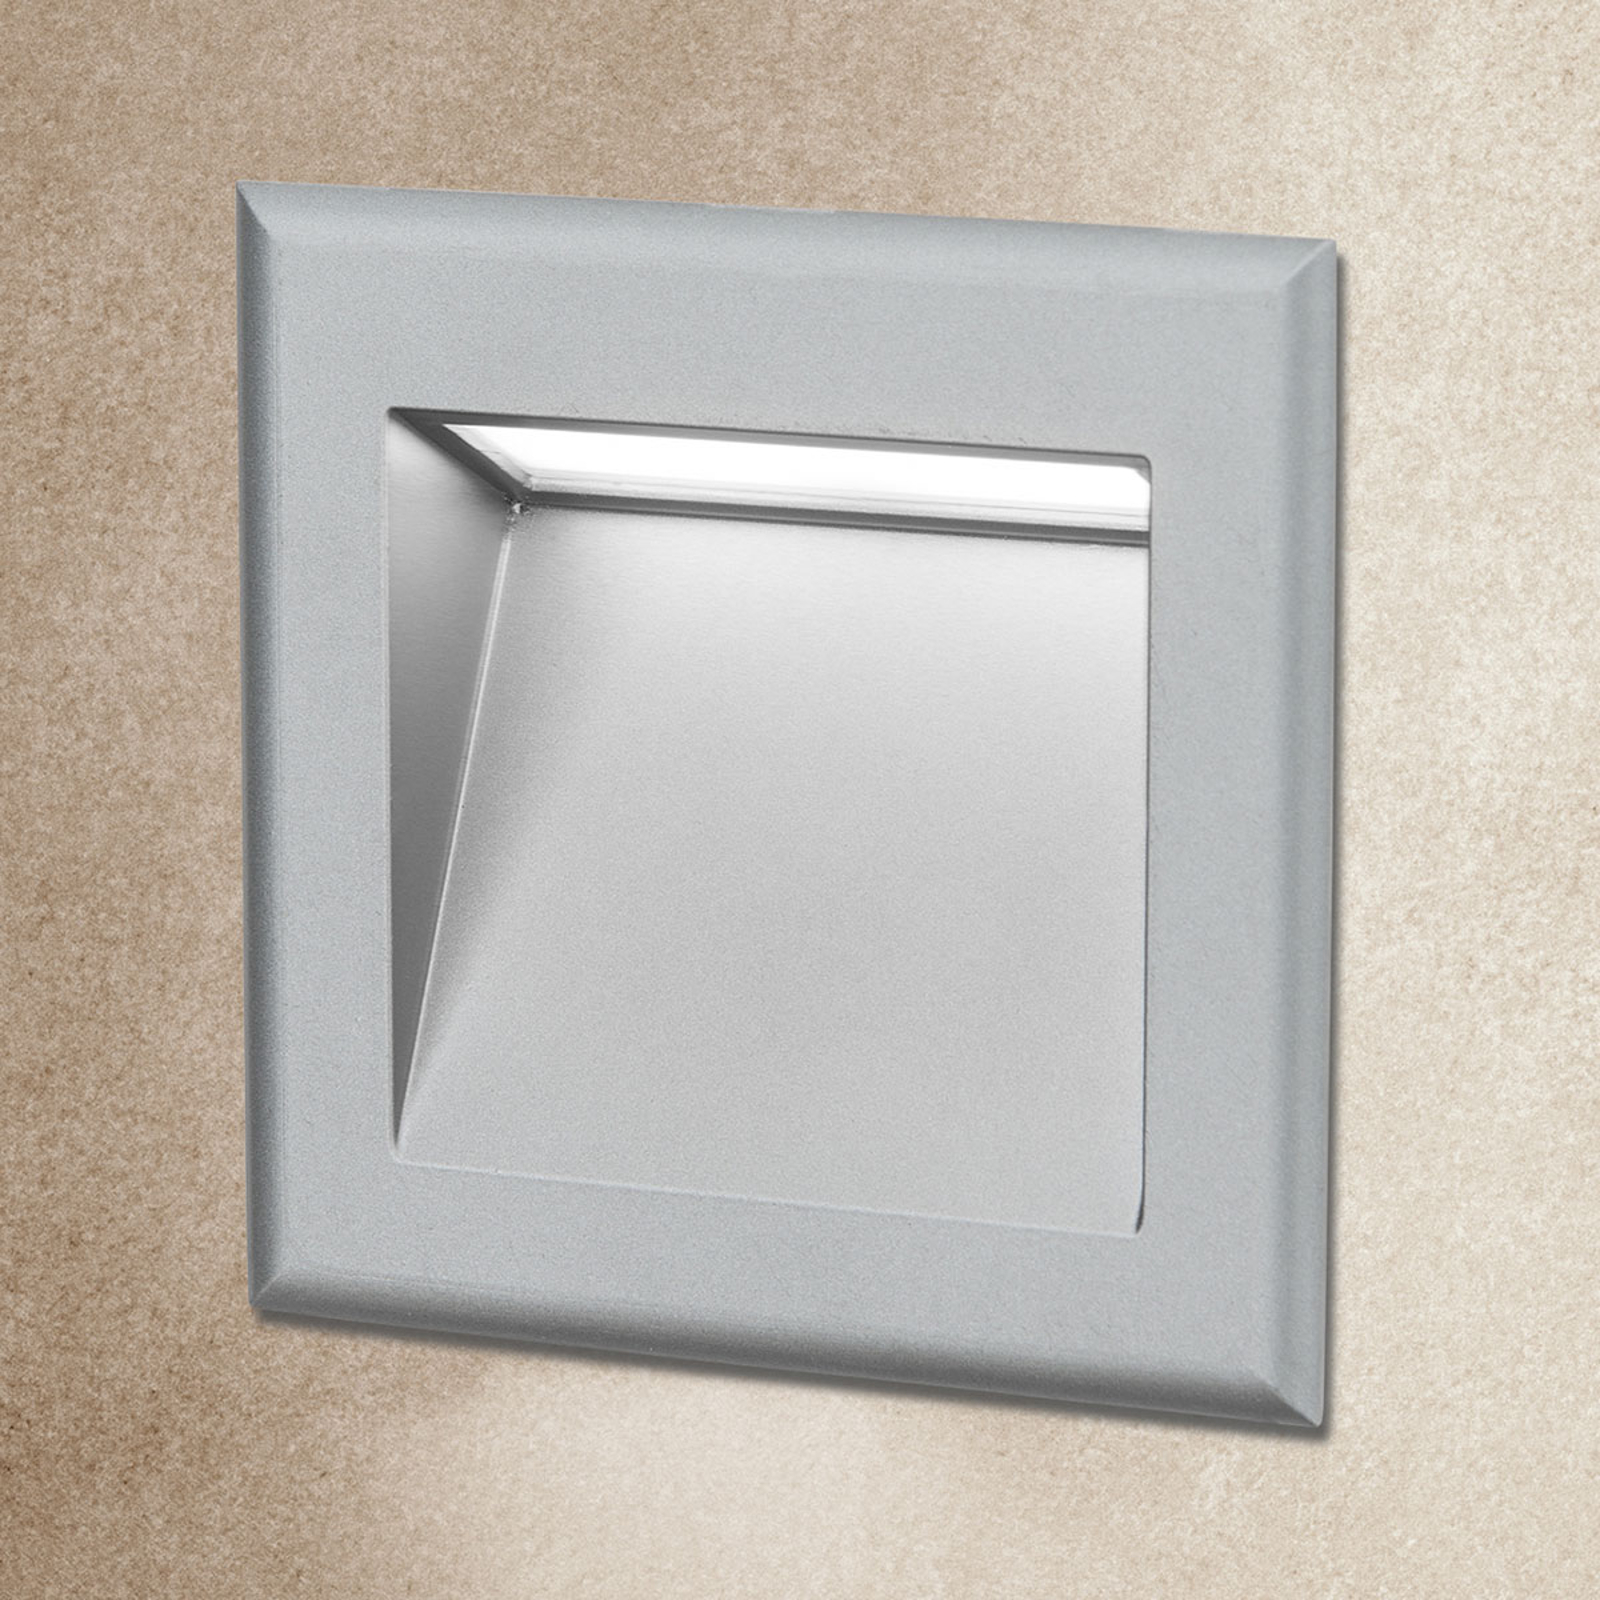 LED-seinäuppovalaisin Stairs porraskäytävään